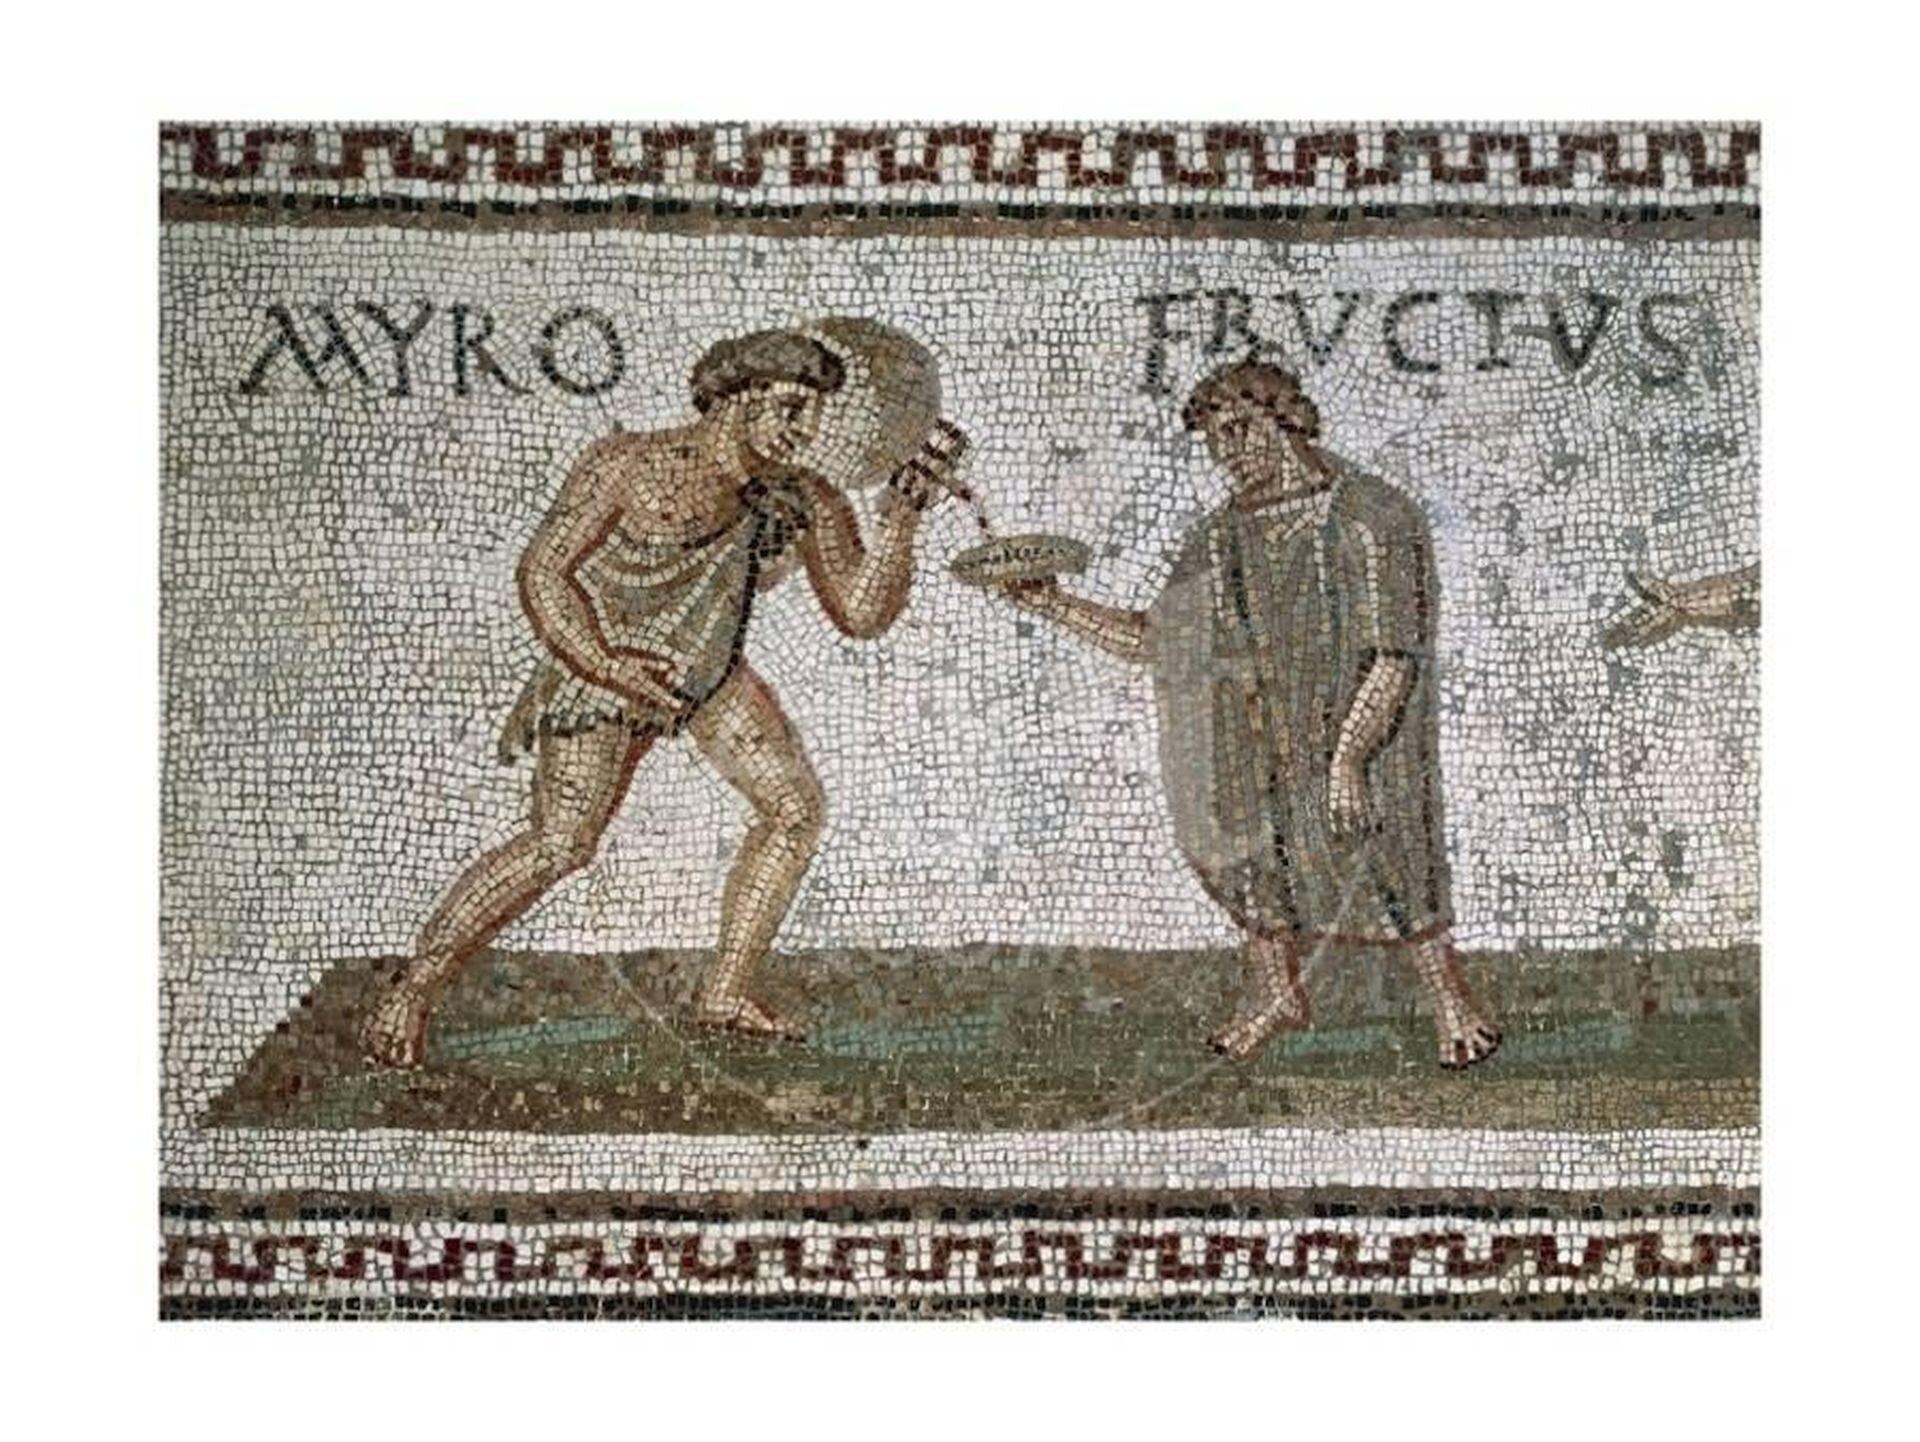 Mozaika nieznanego autora przedstawia Fructusa oraz jego niewolnika. Fructus trzyma wręku naczynie, do którego jego niewolnik nalewa zdzbana wino. Niewolnik przepasany jest krótkim materiałem zakrywającym jedynie niewielką część jego ciała. Nad postaciami znajduje się napis: MYRO FRUCTUS.